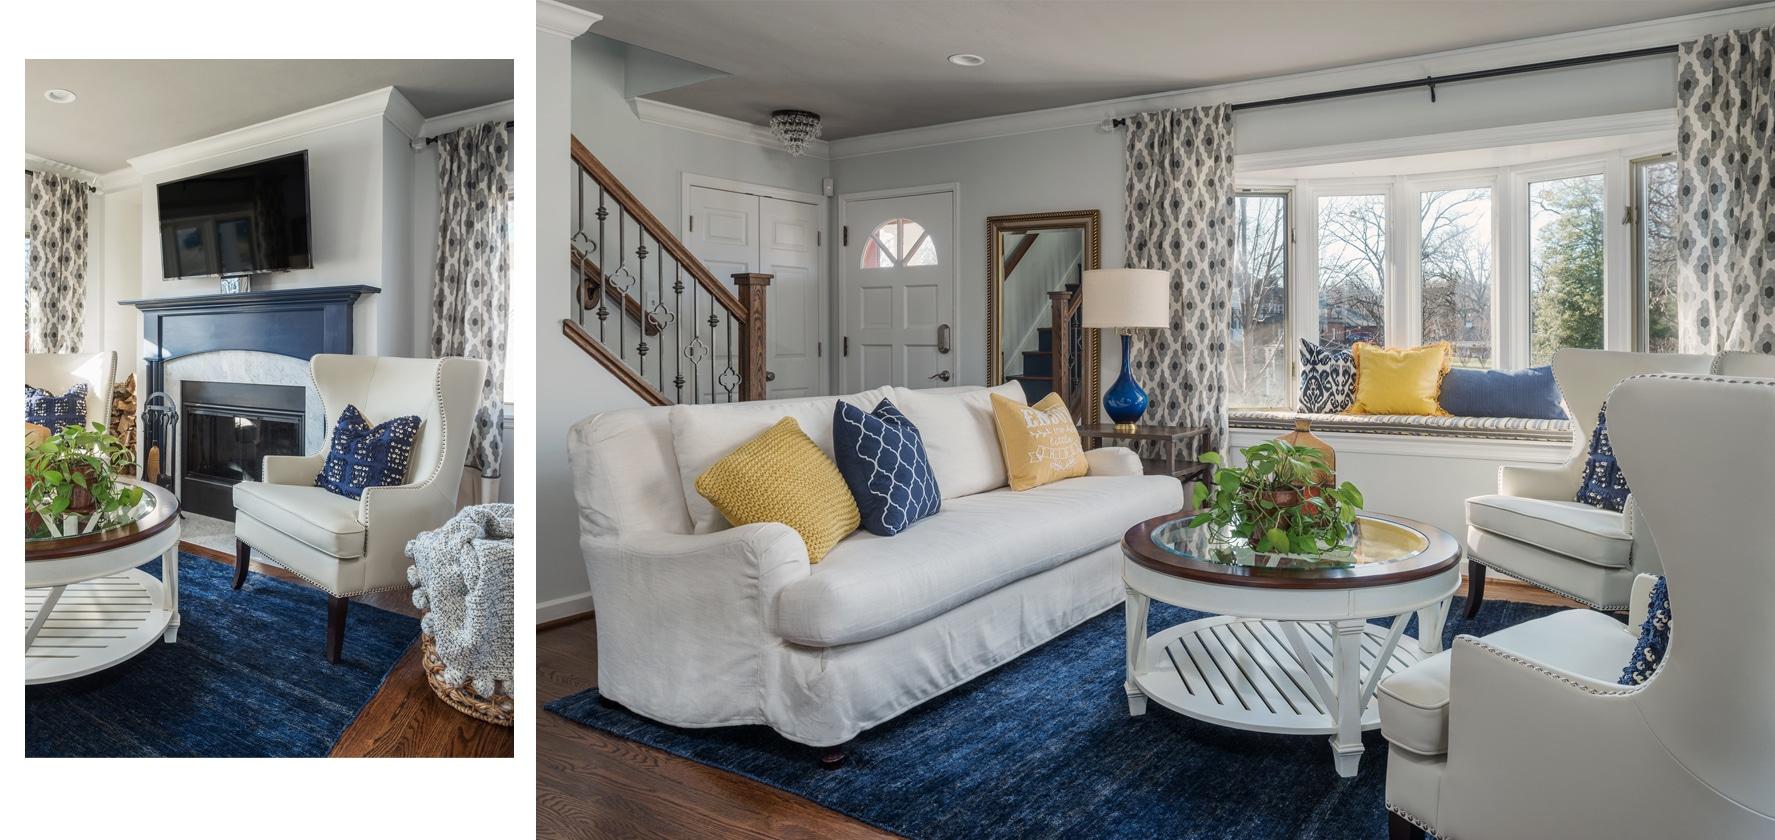 Transitional Interior Design transitional interior design in webster grovess&k interiors